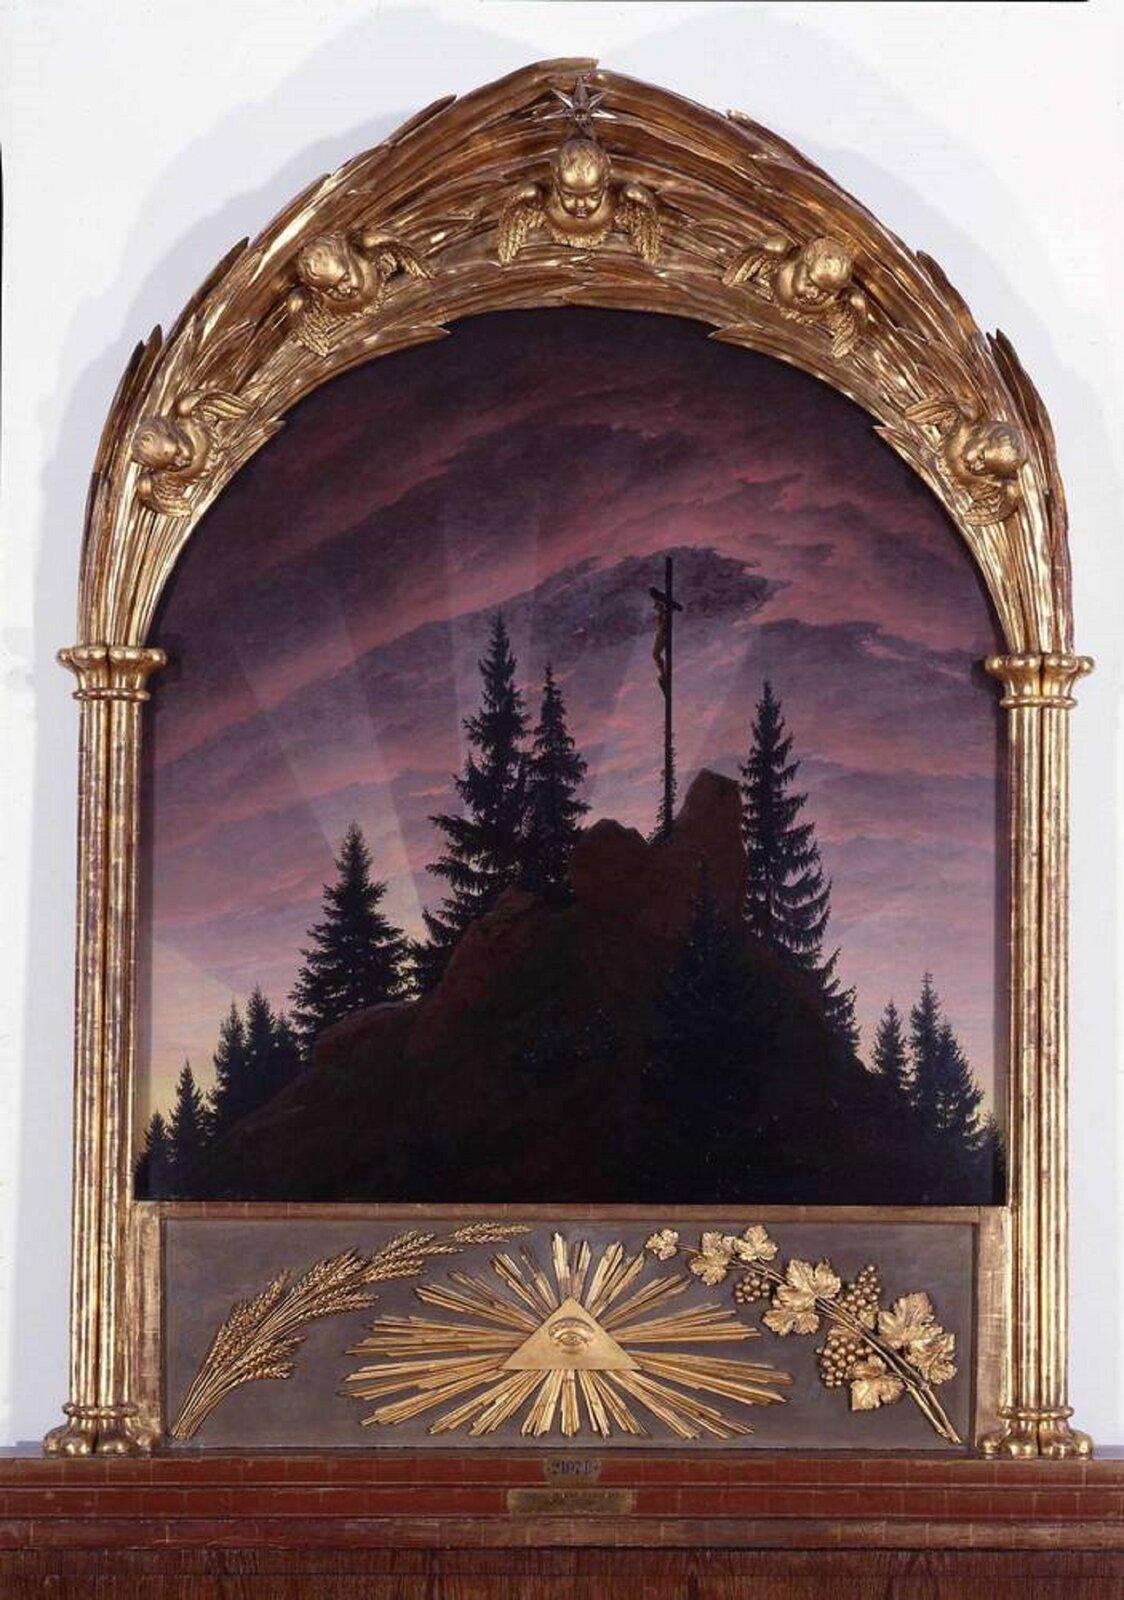 """Ilustracja okształcie pionowego prostokąta przedstawia obraz Caspara Davida Friedricha """"Krzyż wgórach"""". Ukazuje porośnięta jodłami górę, na której szczycie znajduje się krzyż. Niebo wtle to  fioletowo-różowe chmury, rozjaśnione przez trzy słupy światła wychodzące od góry. Obraz znajduje się wzłoconej irzeźbionej ramie , dekorowanej płaskorzeźbami: na dole symbolu Oka Boga zpromieniami iliści, augóry liści lauru, na których osadzone są głowy aniołków ze skrzydłami. Po bokach ramy znajdują się kolumny."""